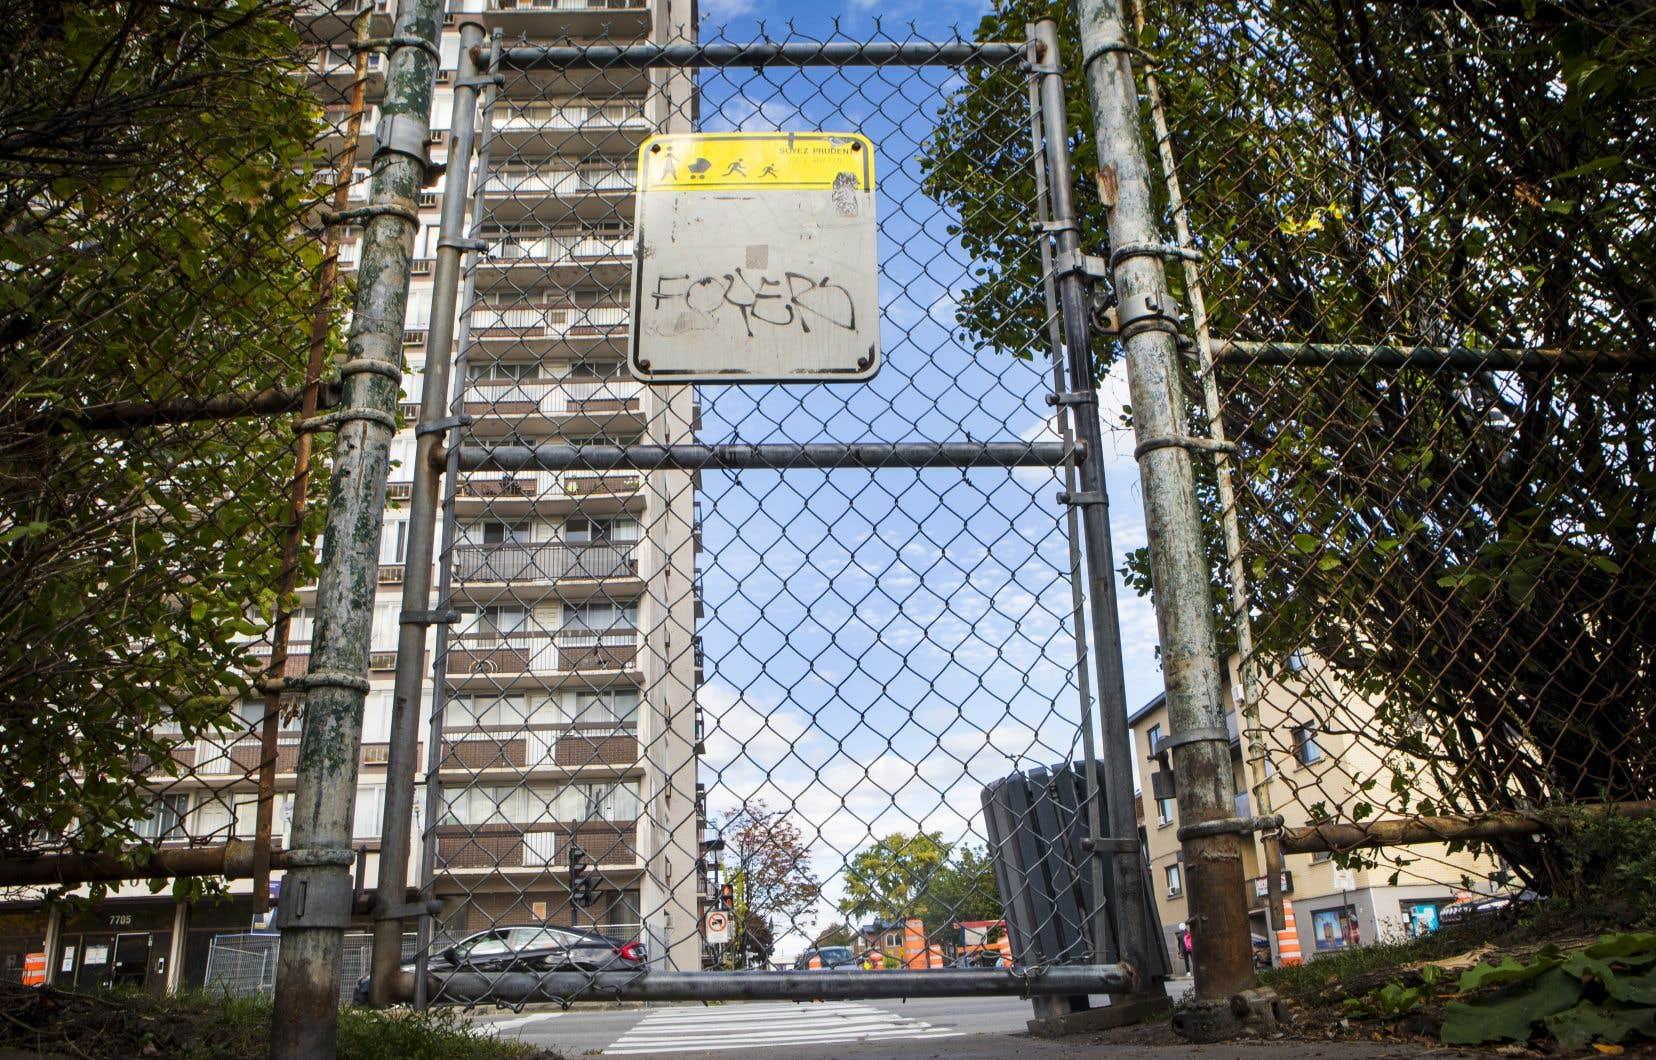 «Cette clôture-là est devenue un symbole qui éveille énormément de sentiments négatifs qui sont ni bienvenus pour les uns ni pour les autres», a soutenu Guillaume Lavoie, candidat à la mairie de l'arrondissement de Villeray–Saint-Michel–Parc-Extension pour le parti de Denis Coderre.